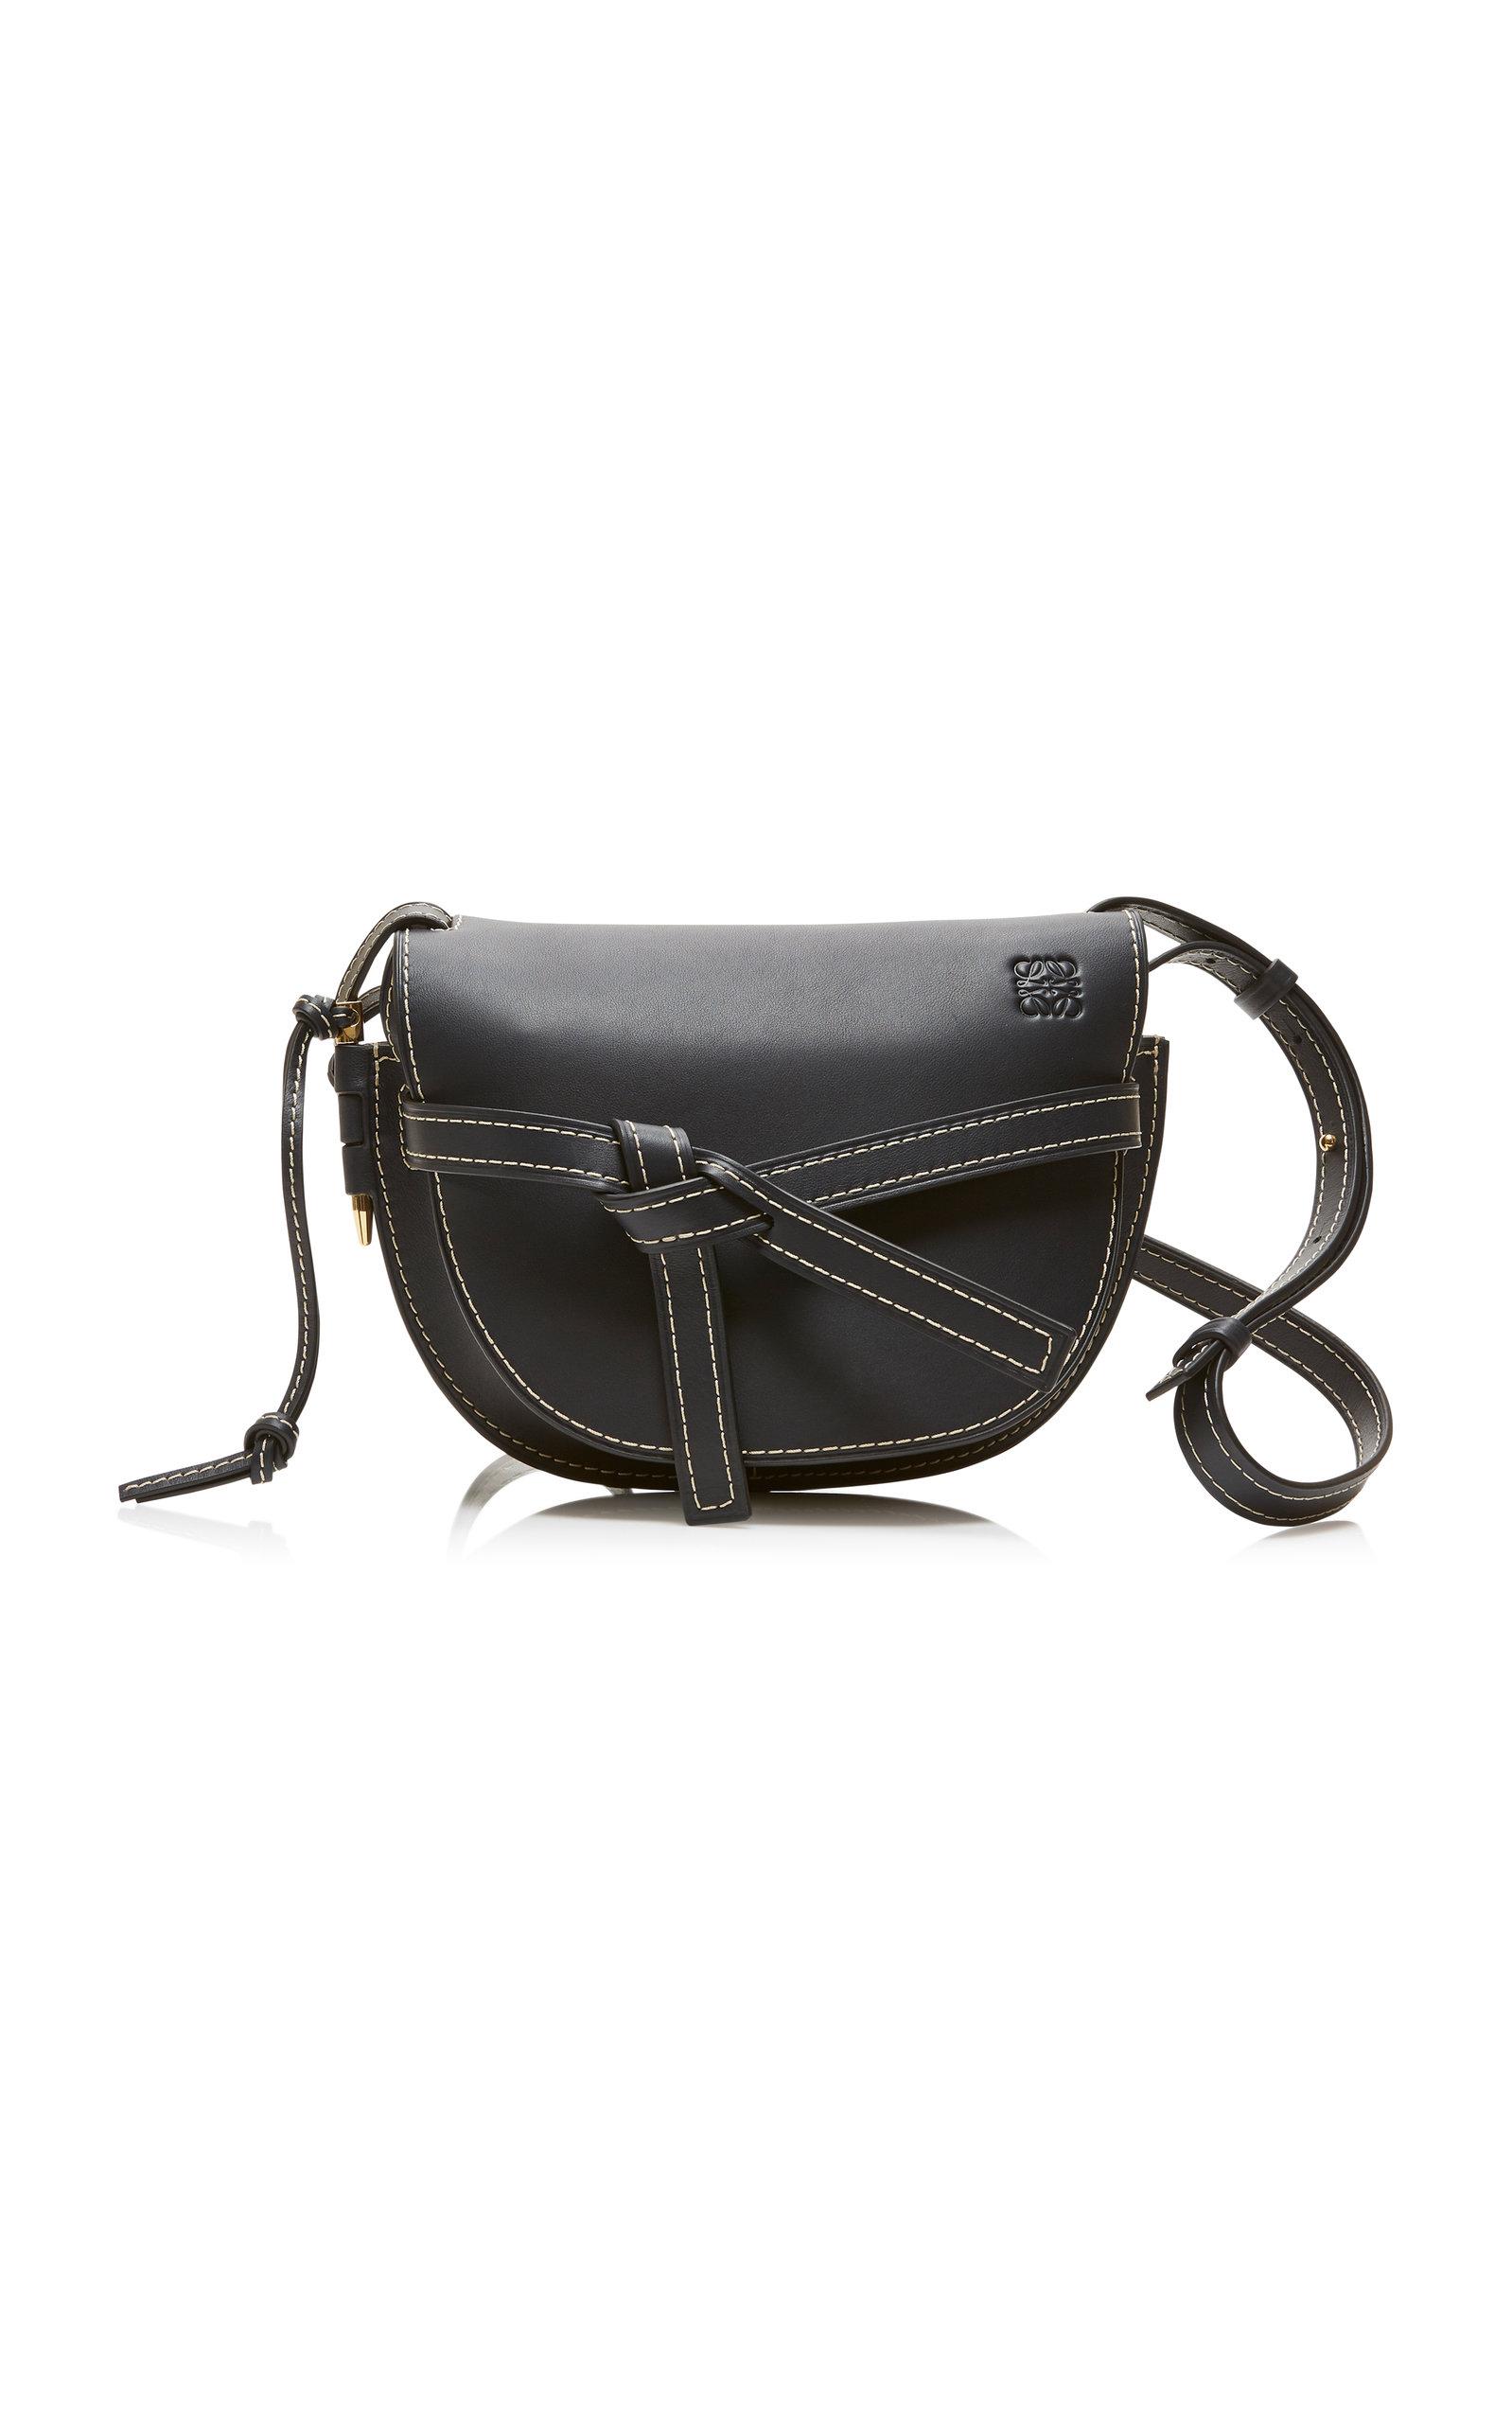 Gate Tweed Small Bag Loewe eXS321L1